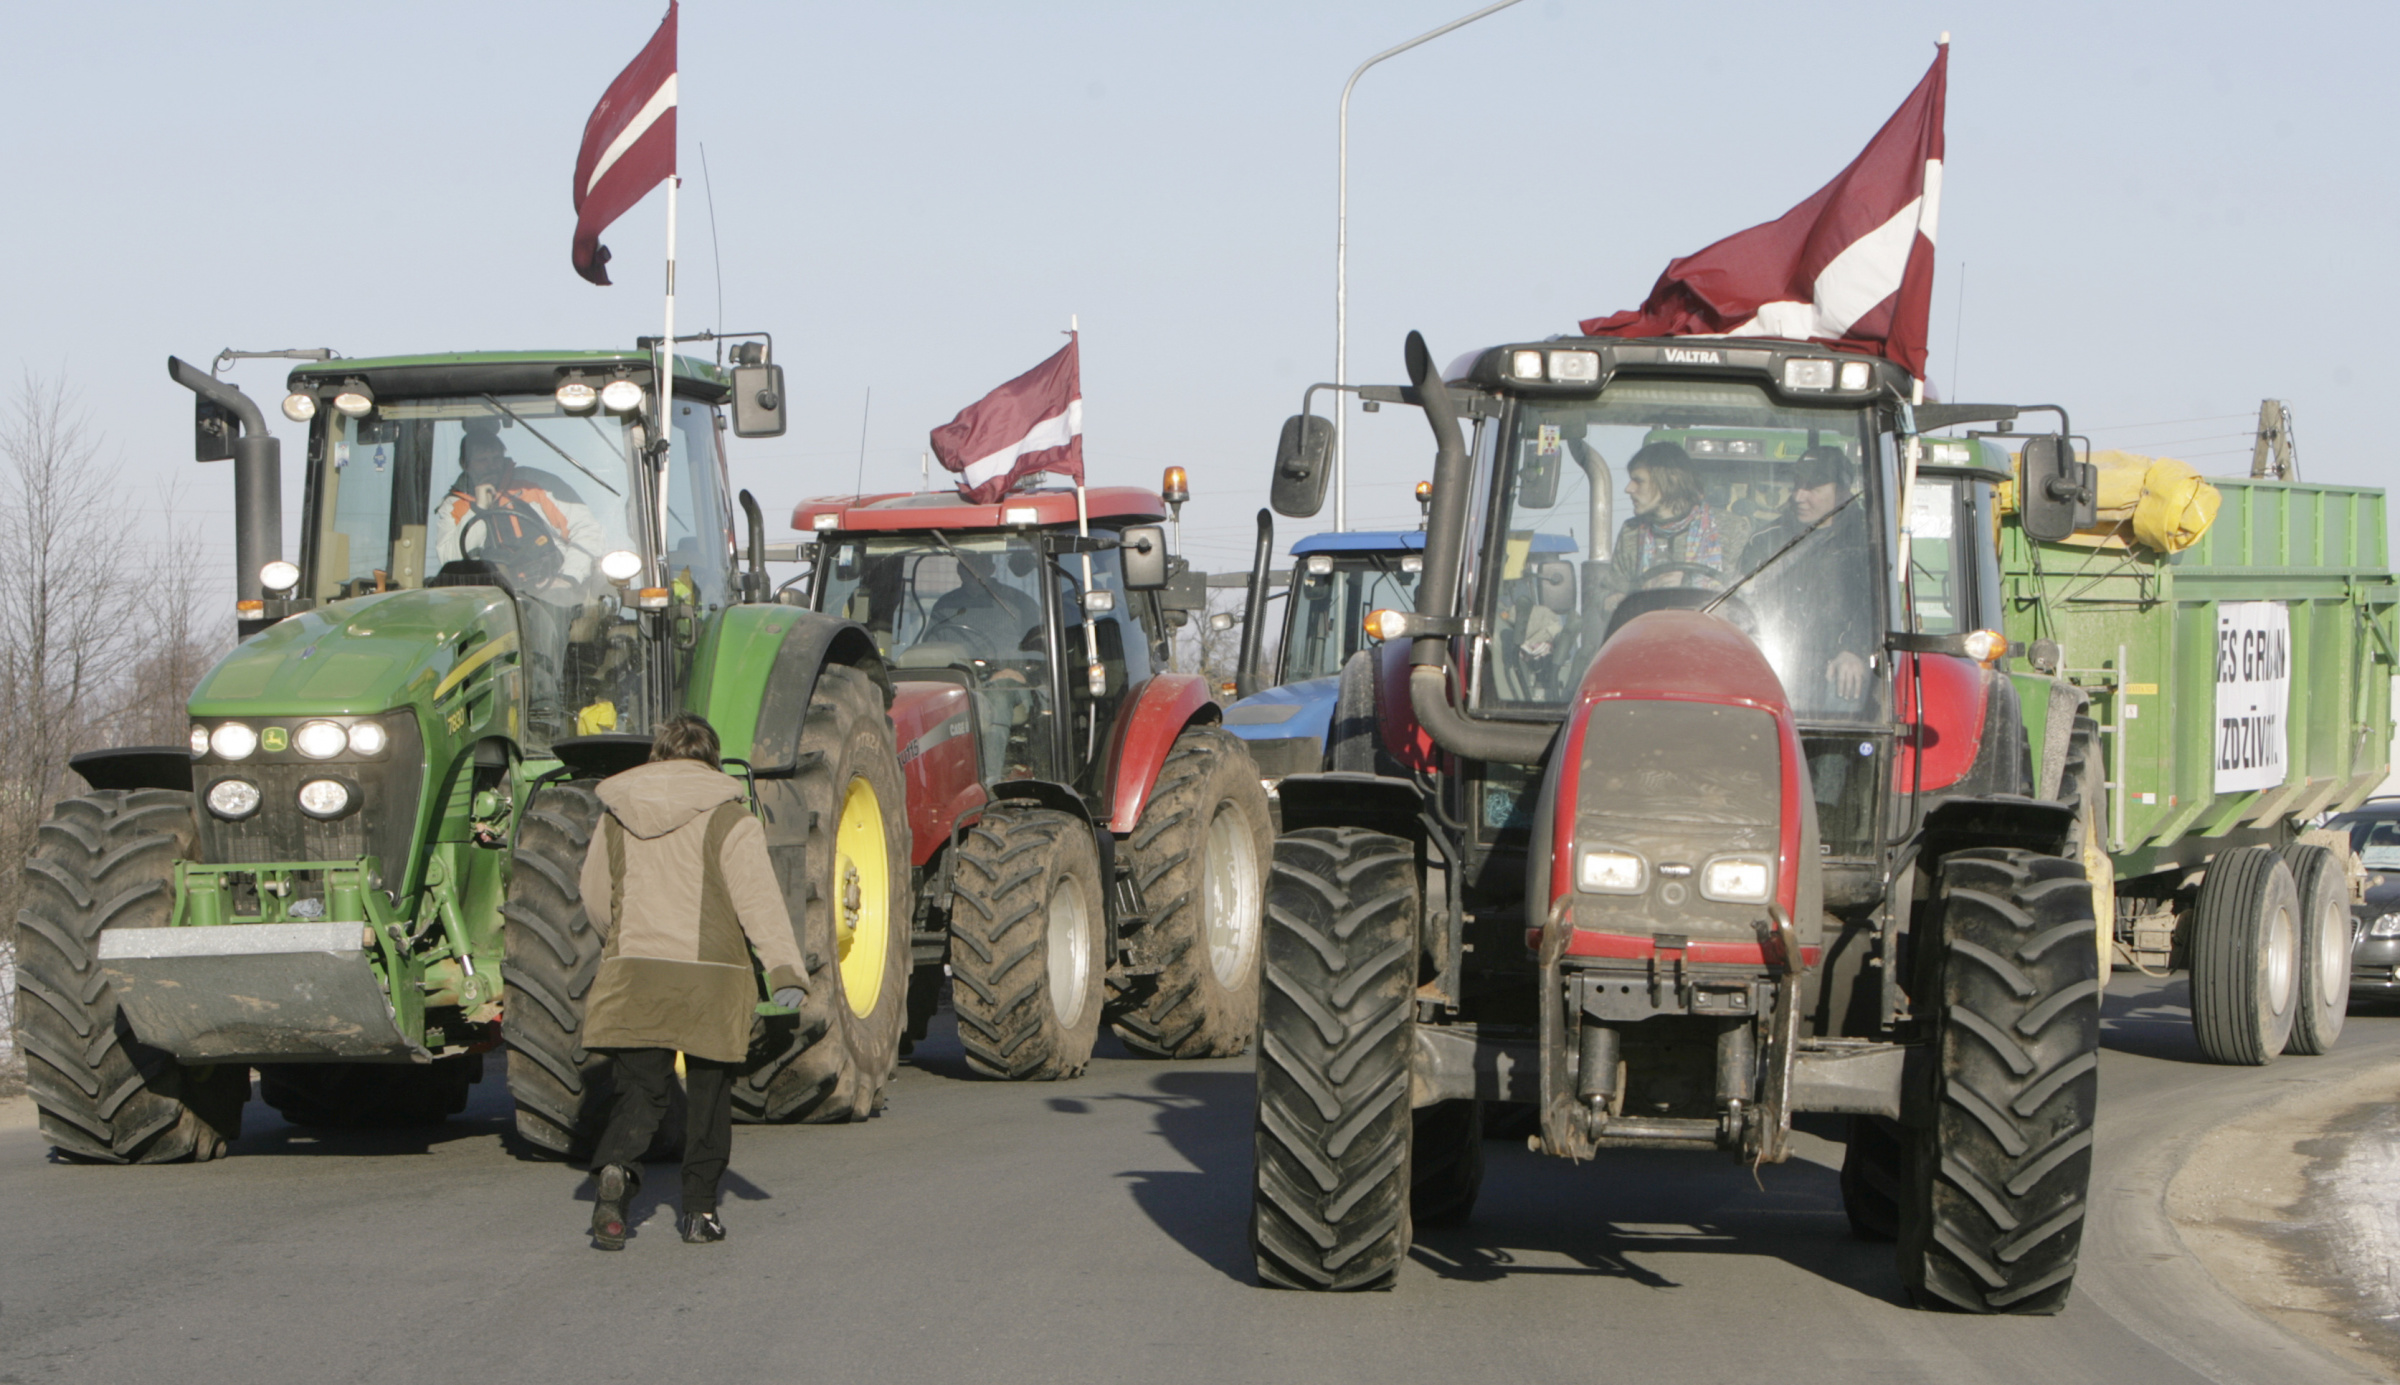 Lätis kuulutati välja looduskatastroof. Foto: REUTERS/Ints Kalnins